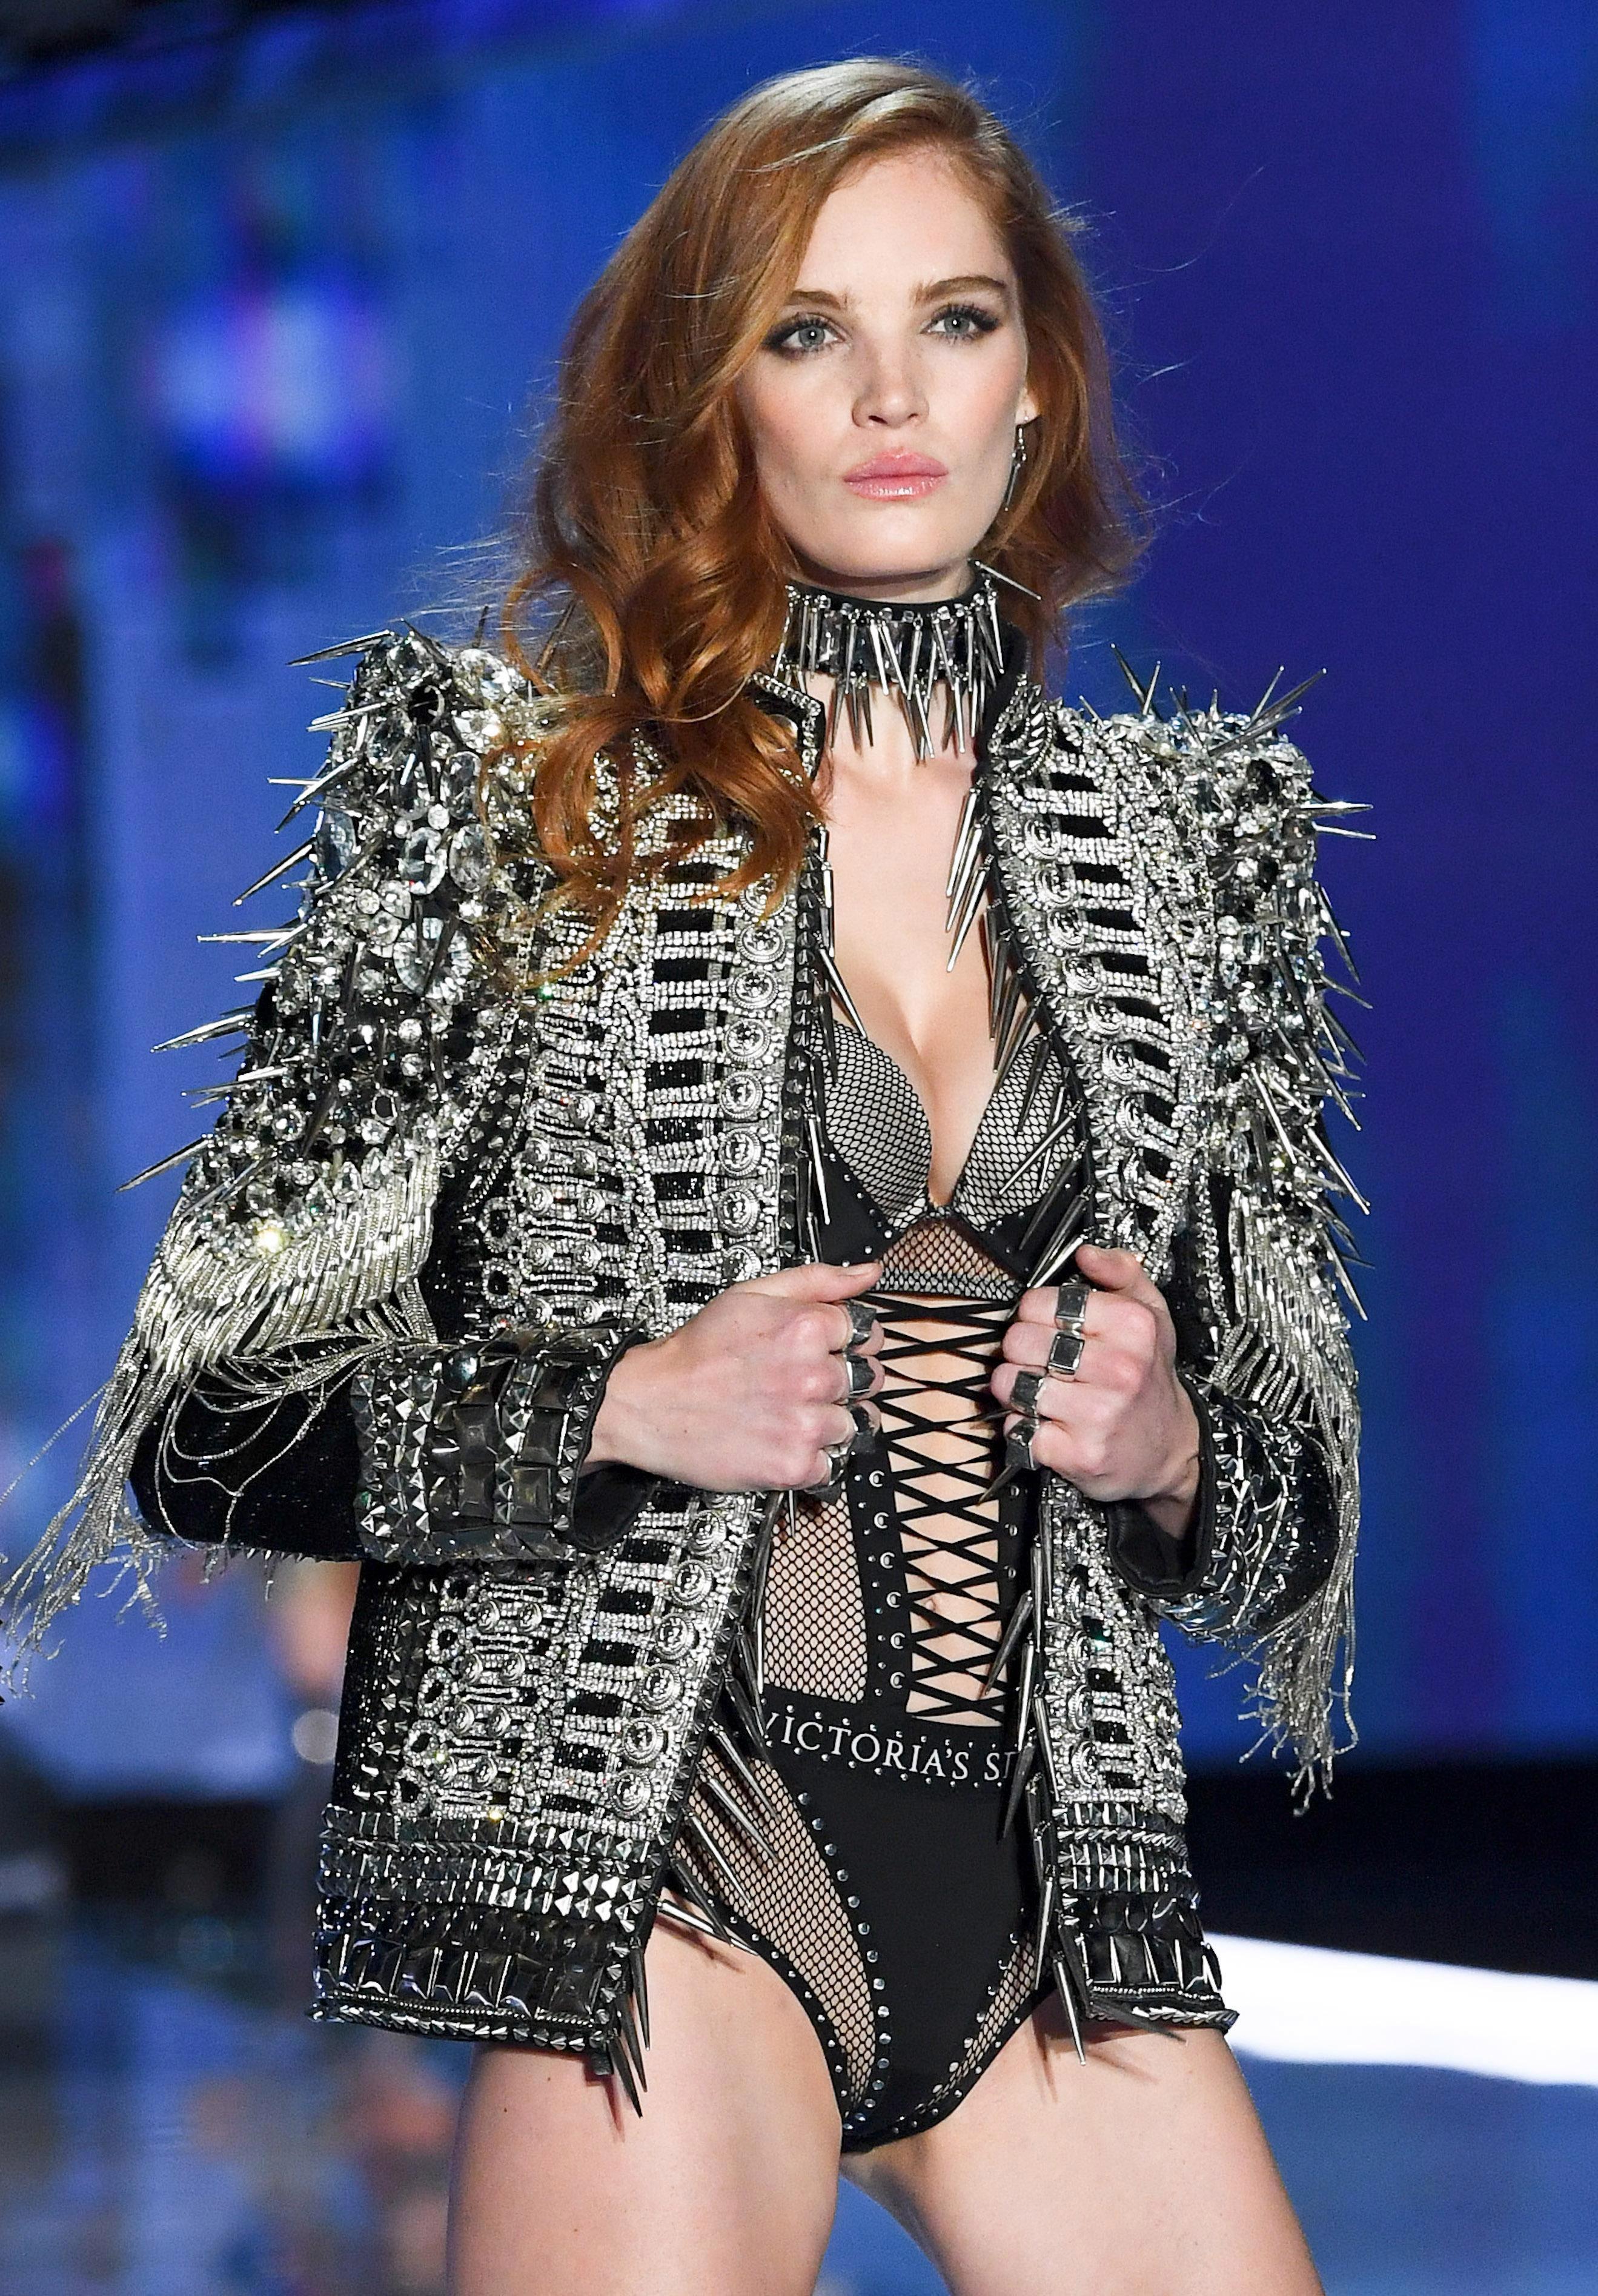 Thiên thần Victoria's Secret mới 'nghiện' đăng ảnh khoe vòng một Ảnh 1